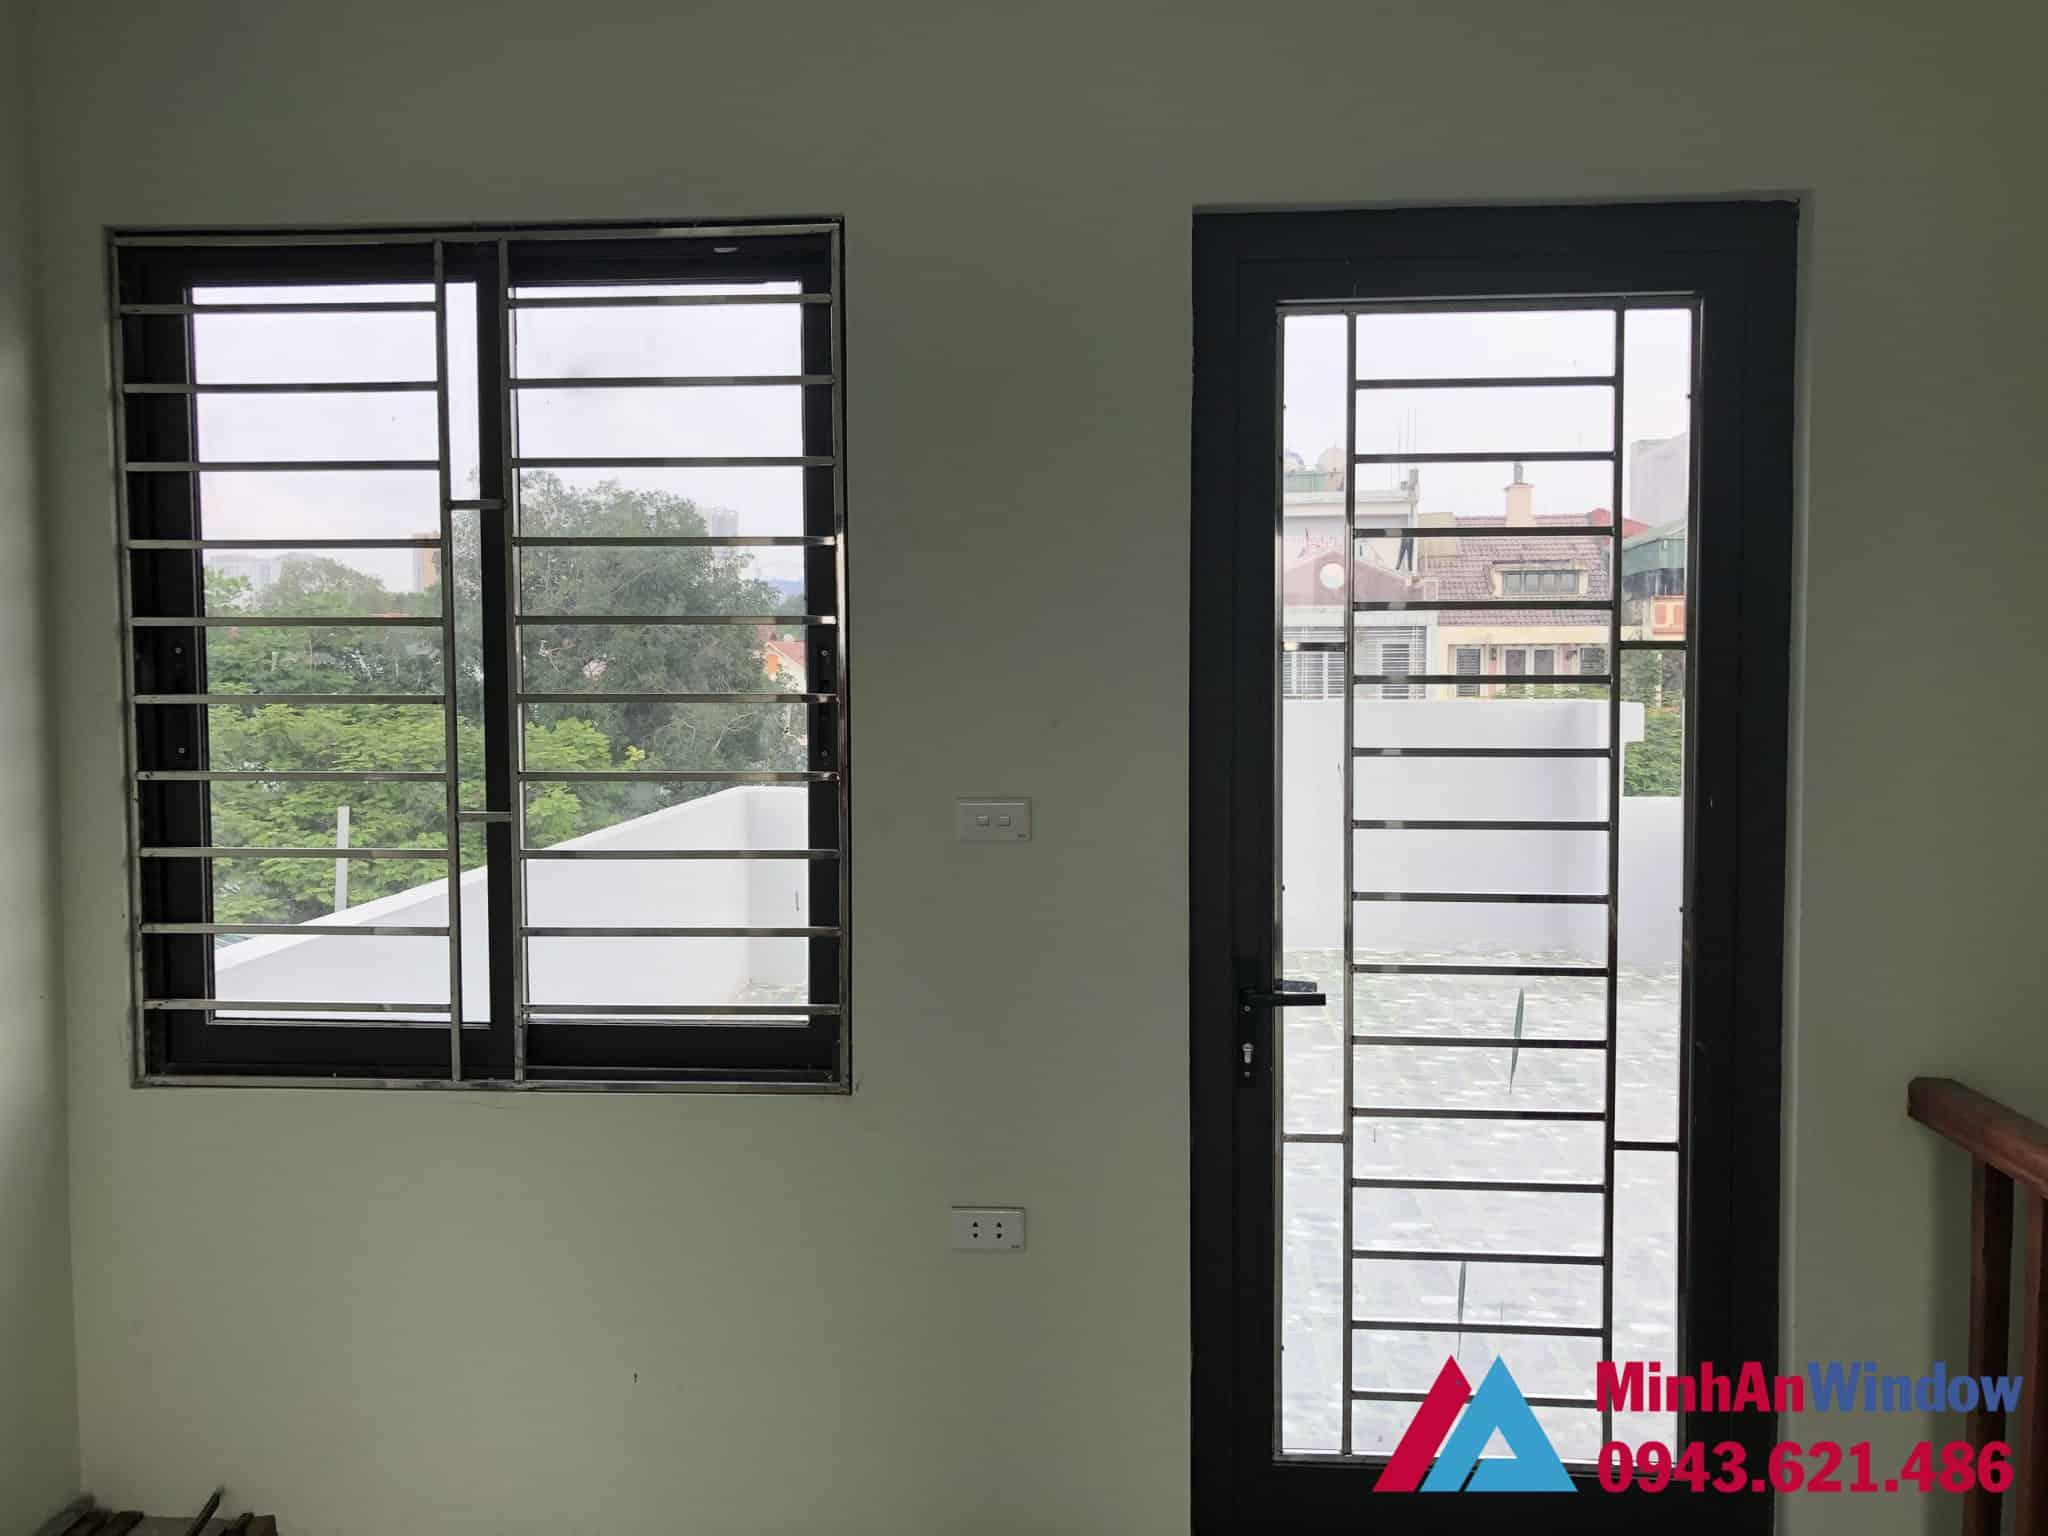 Mẫu cửa đi và cửa sổ Minh An Window lắp đặt cho khách hàng tại Phú Thọ